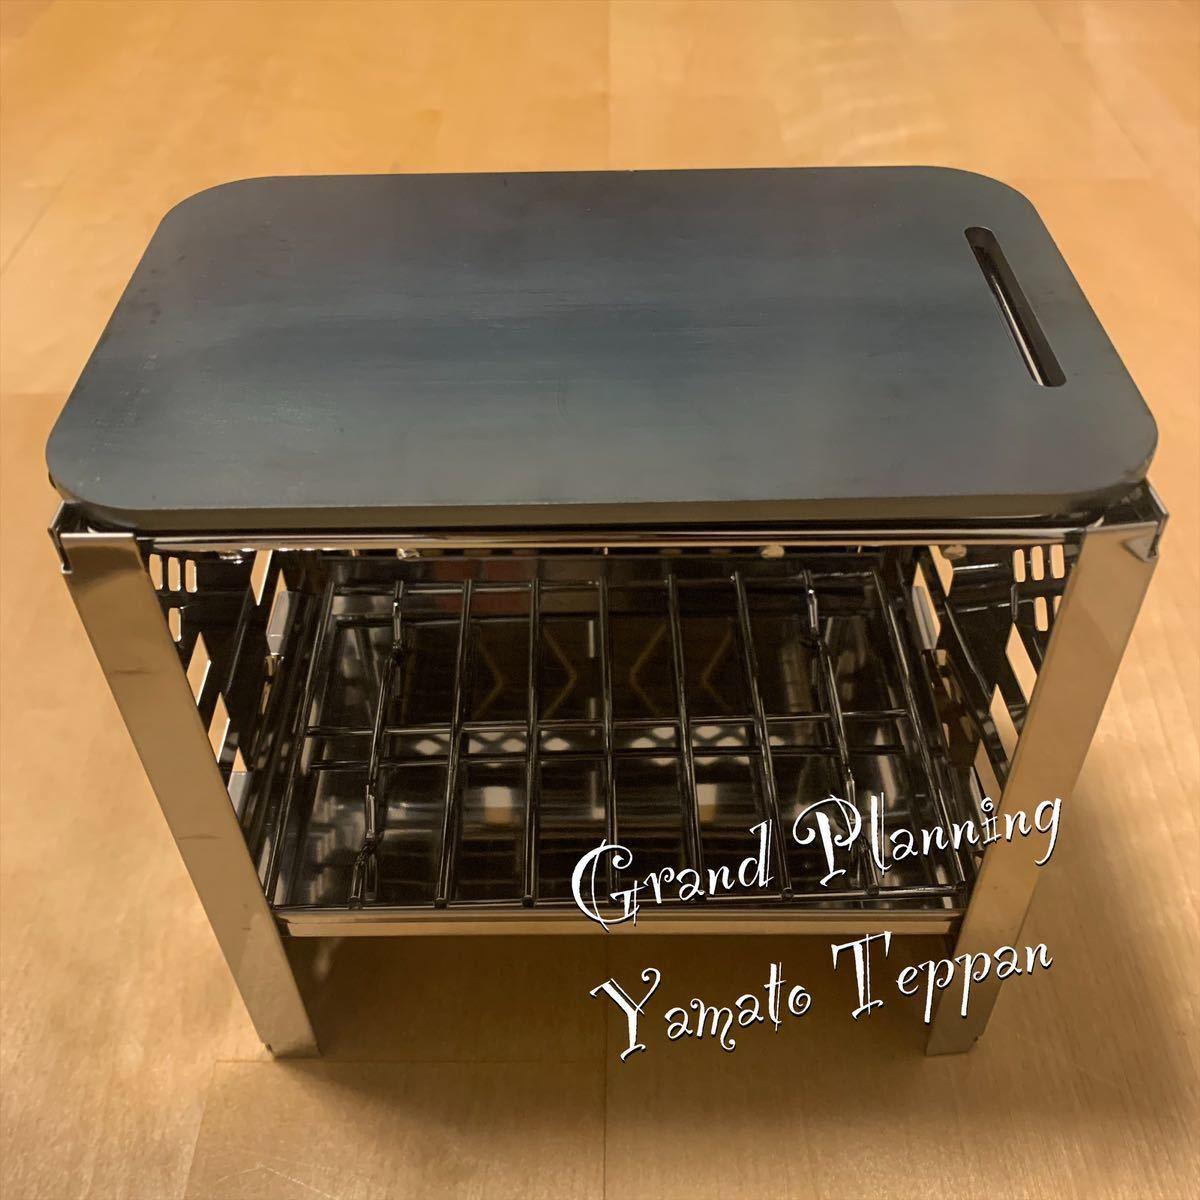 trangia トランギア メスティン ラージ ソロ 鉄板 TR-209 6㎜ と 鉄板用スクレーパーセット 極厚 大和鉄板 OfficeGrandPlanning